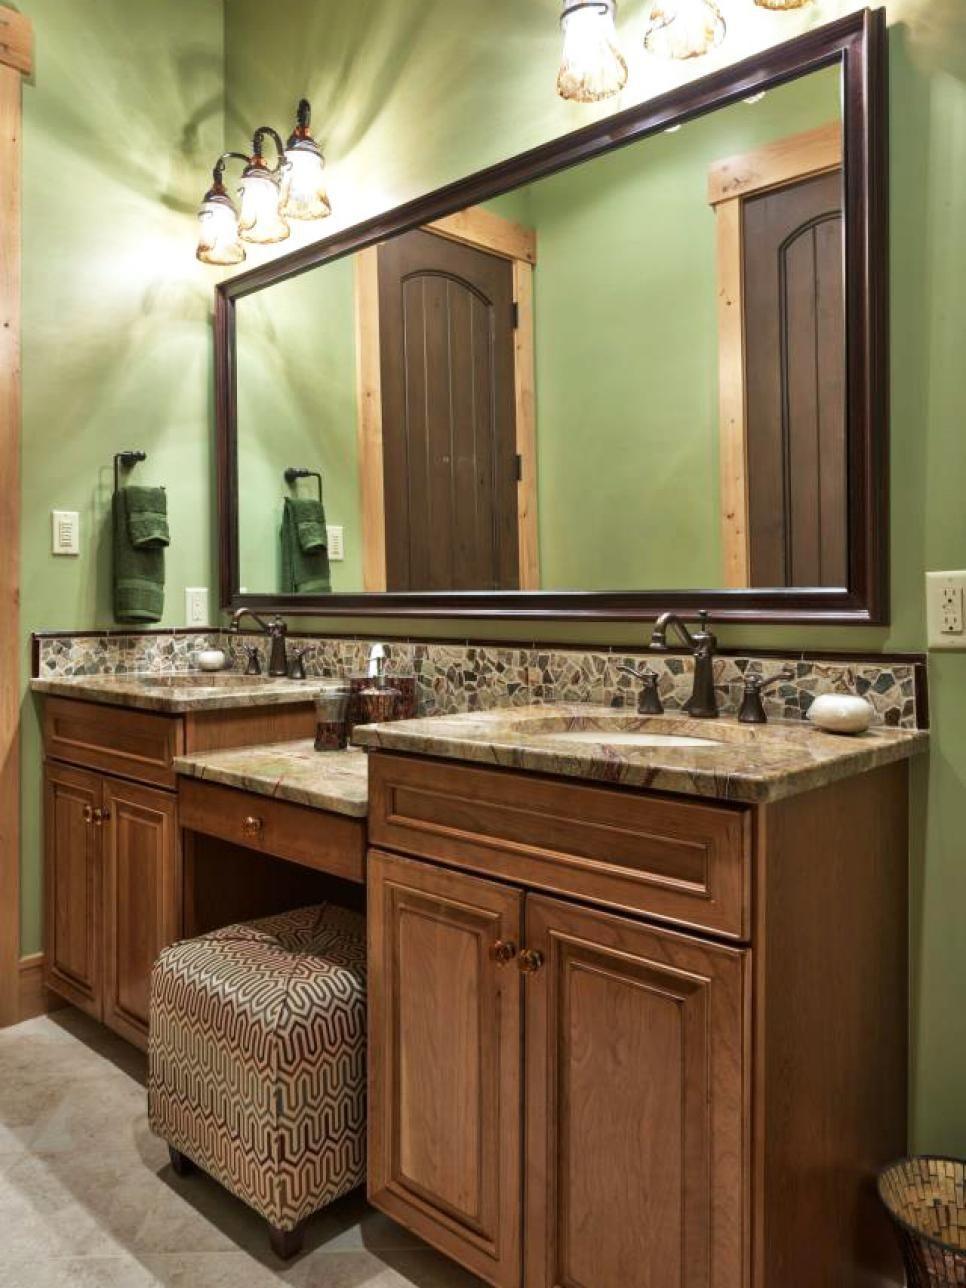 Rooms Viewer Green Bathroom Bathrooms Remodel Rustic Bathroom